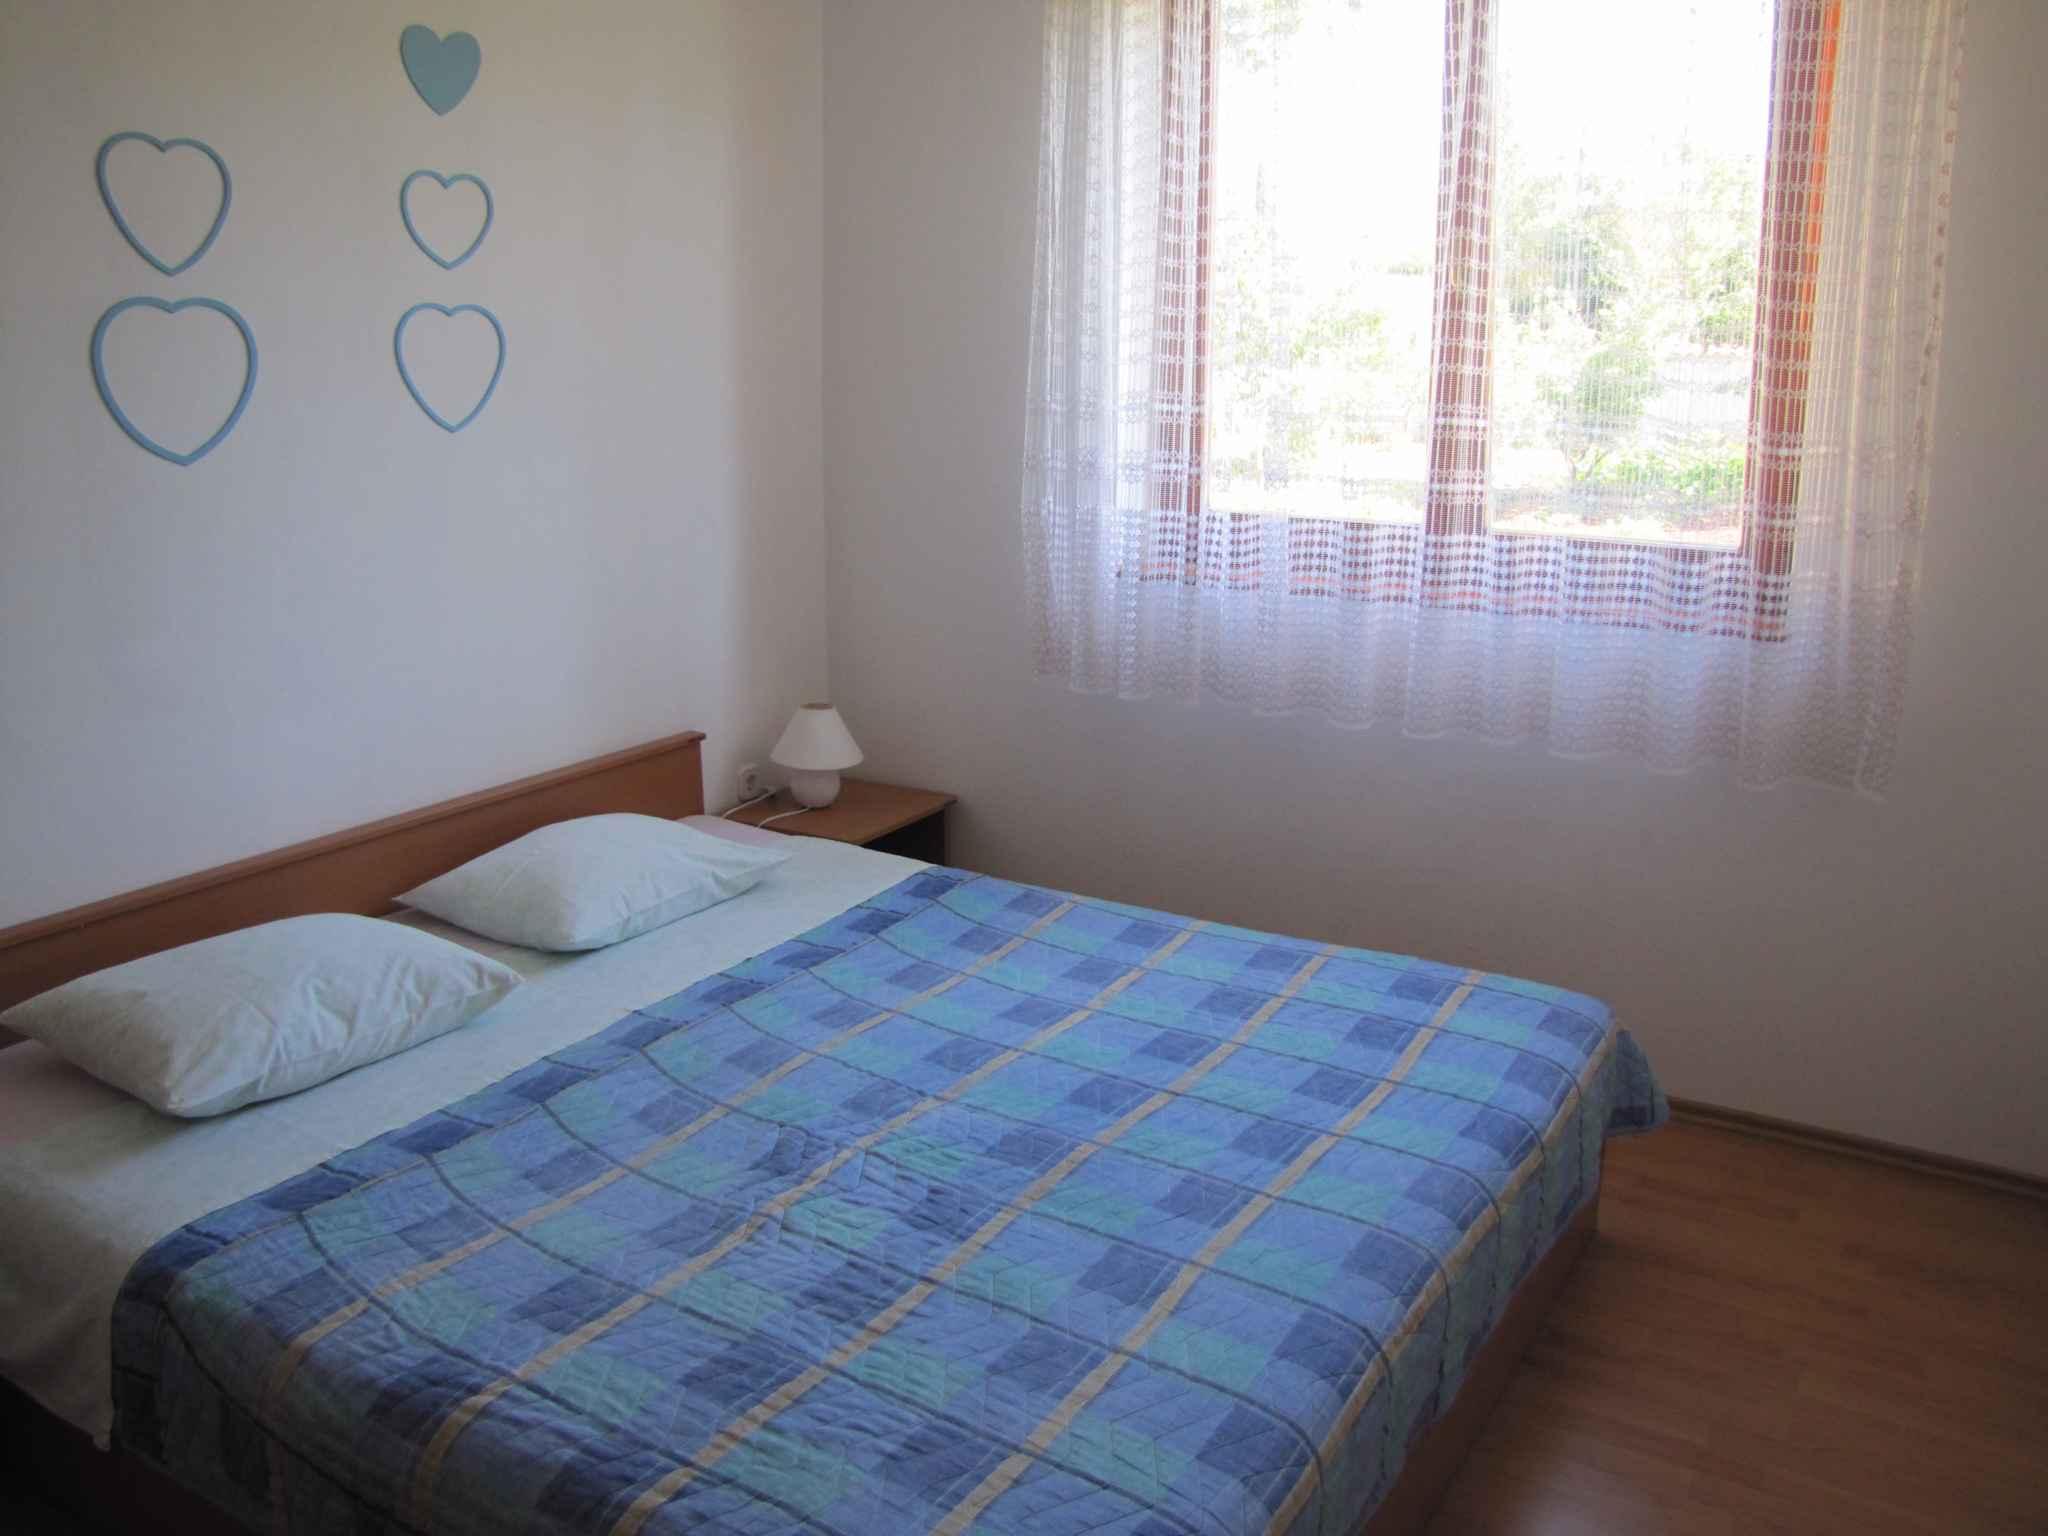 Ferienwohnung mit SAT-TV in ruhiger Lage (280672), Pula, , Istrien, Kroatien, Bild 18